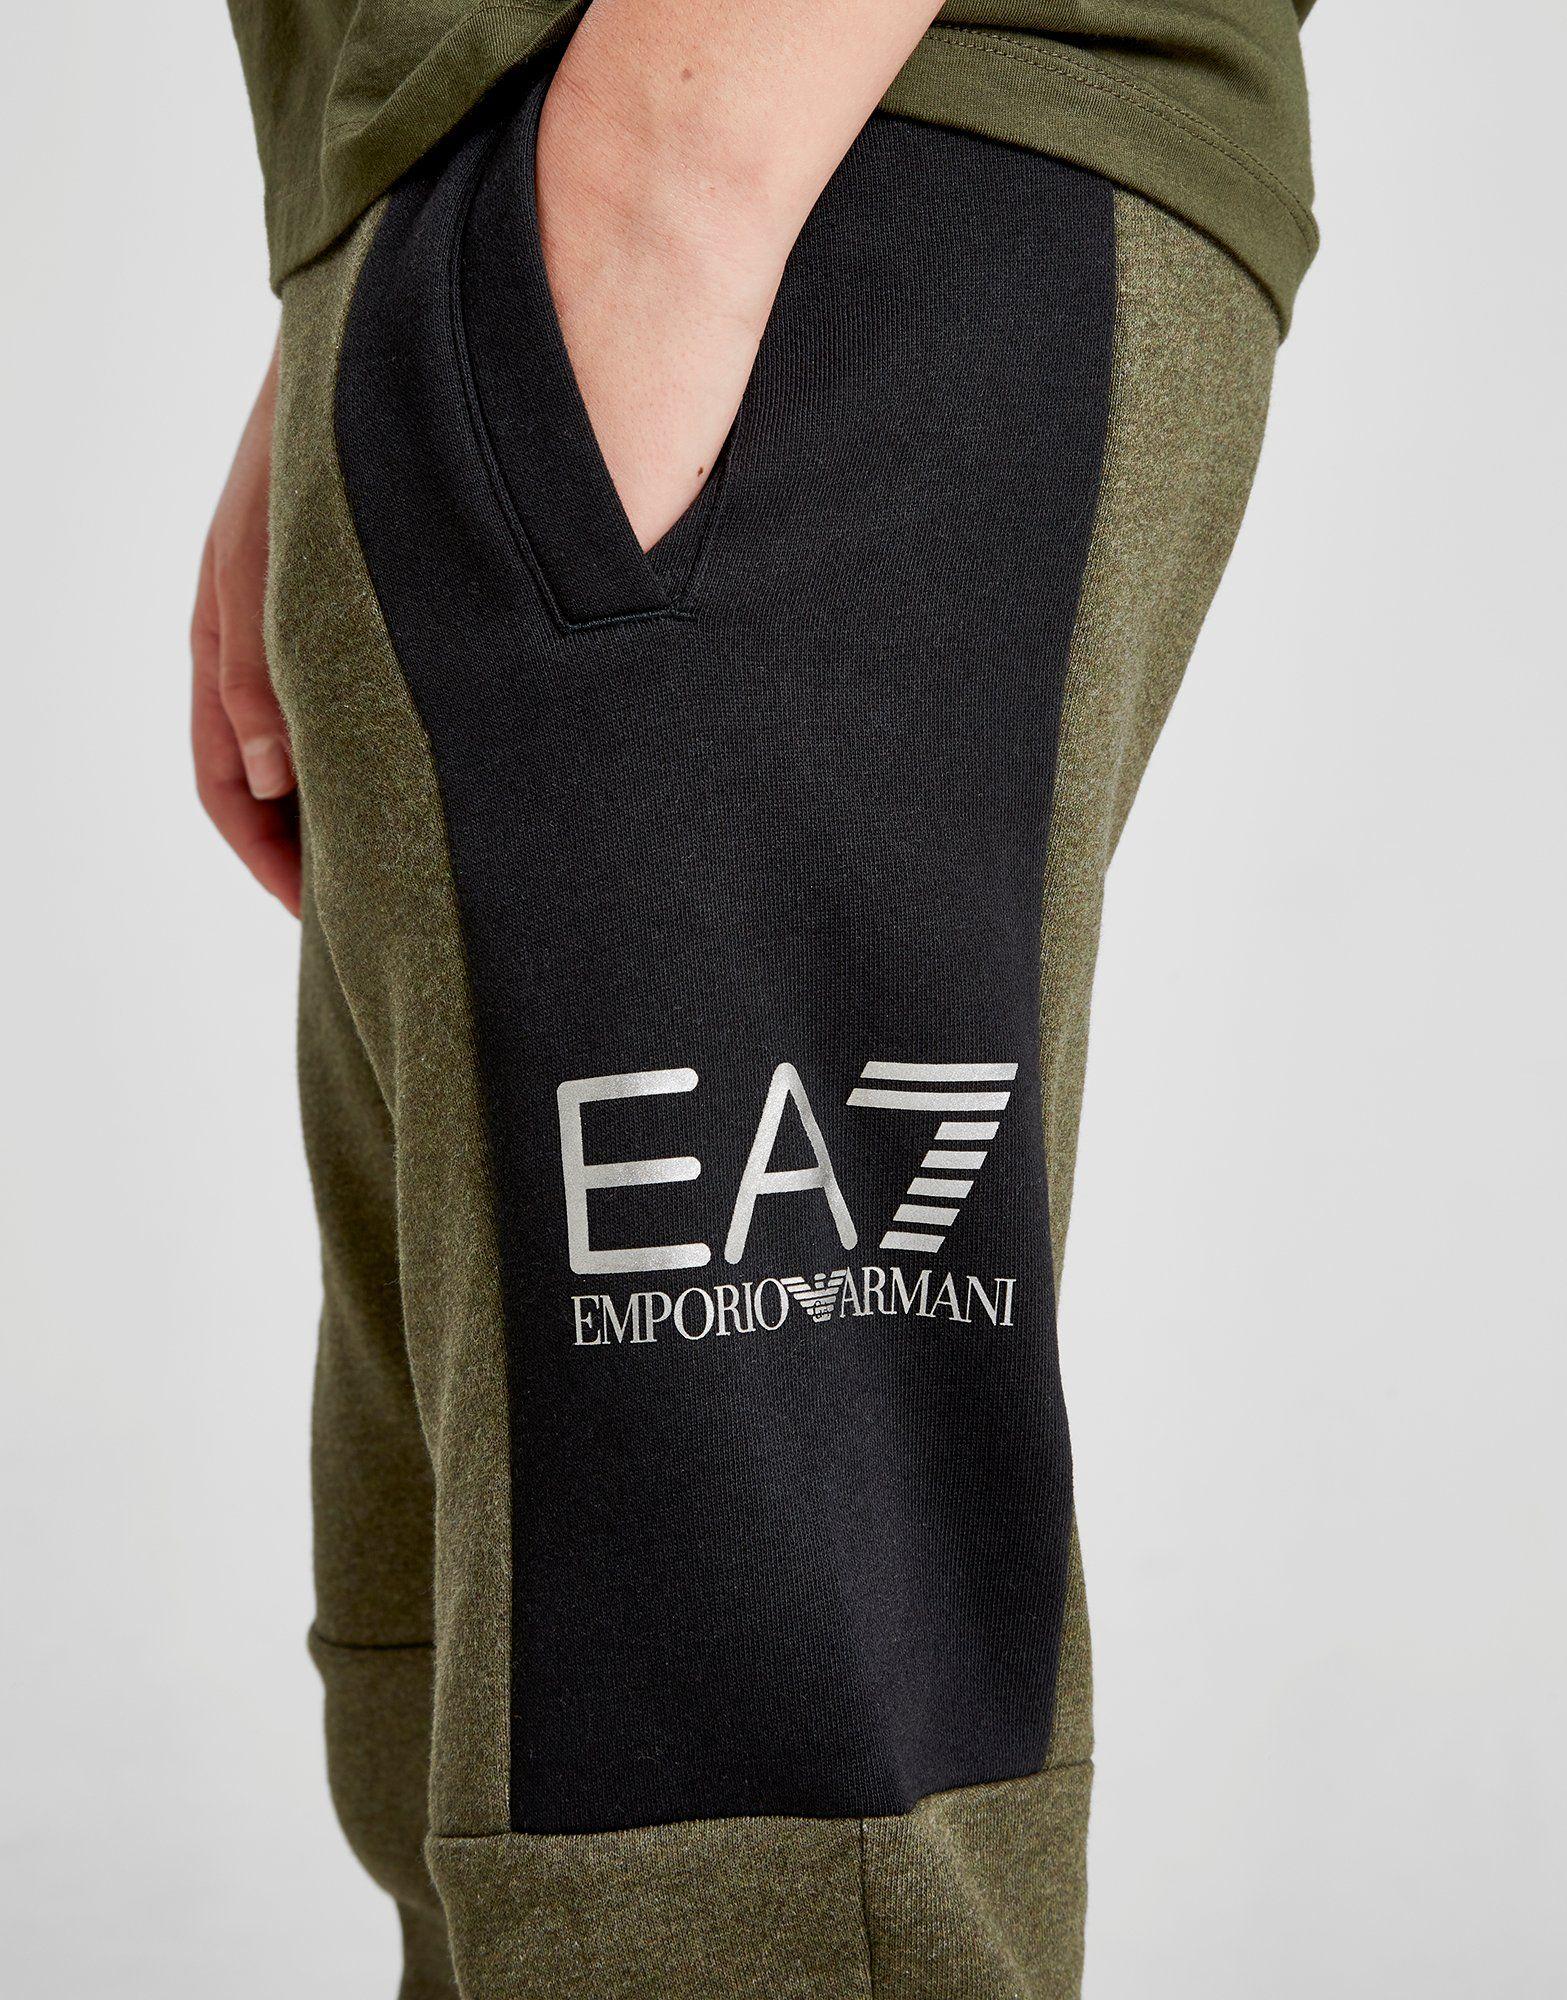 Emporio Armani EA7 pantalón de chándal Tritonal Foil júnior